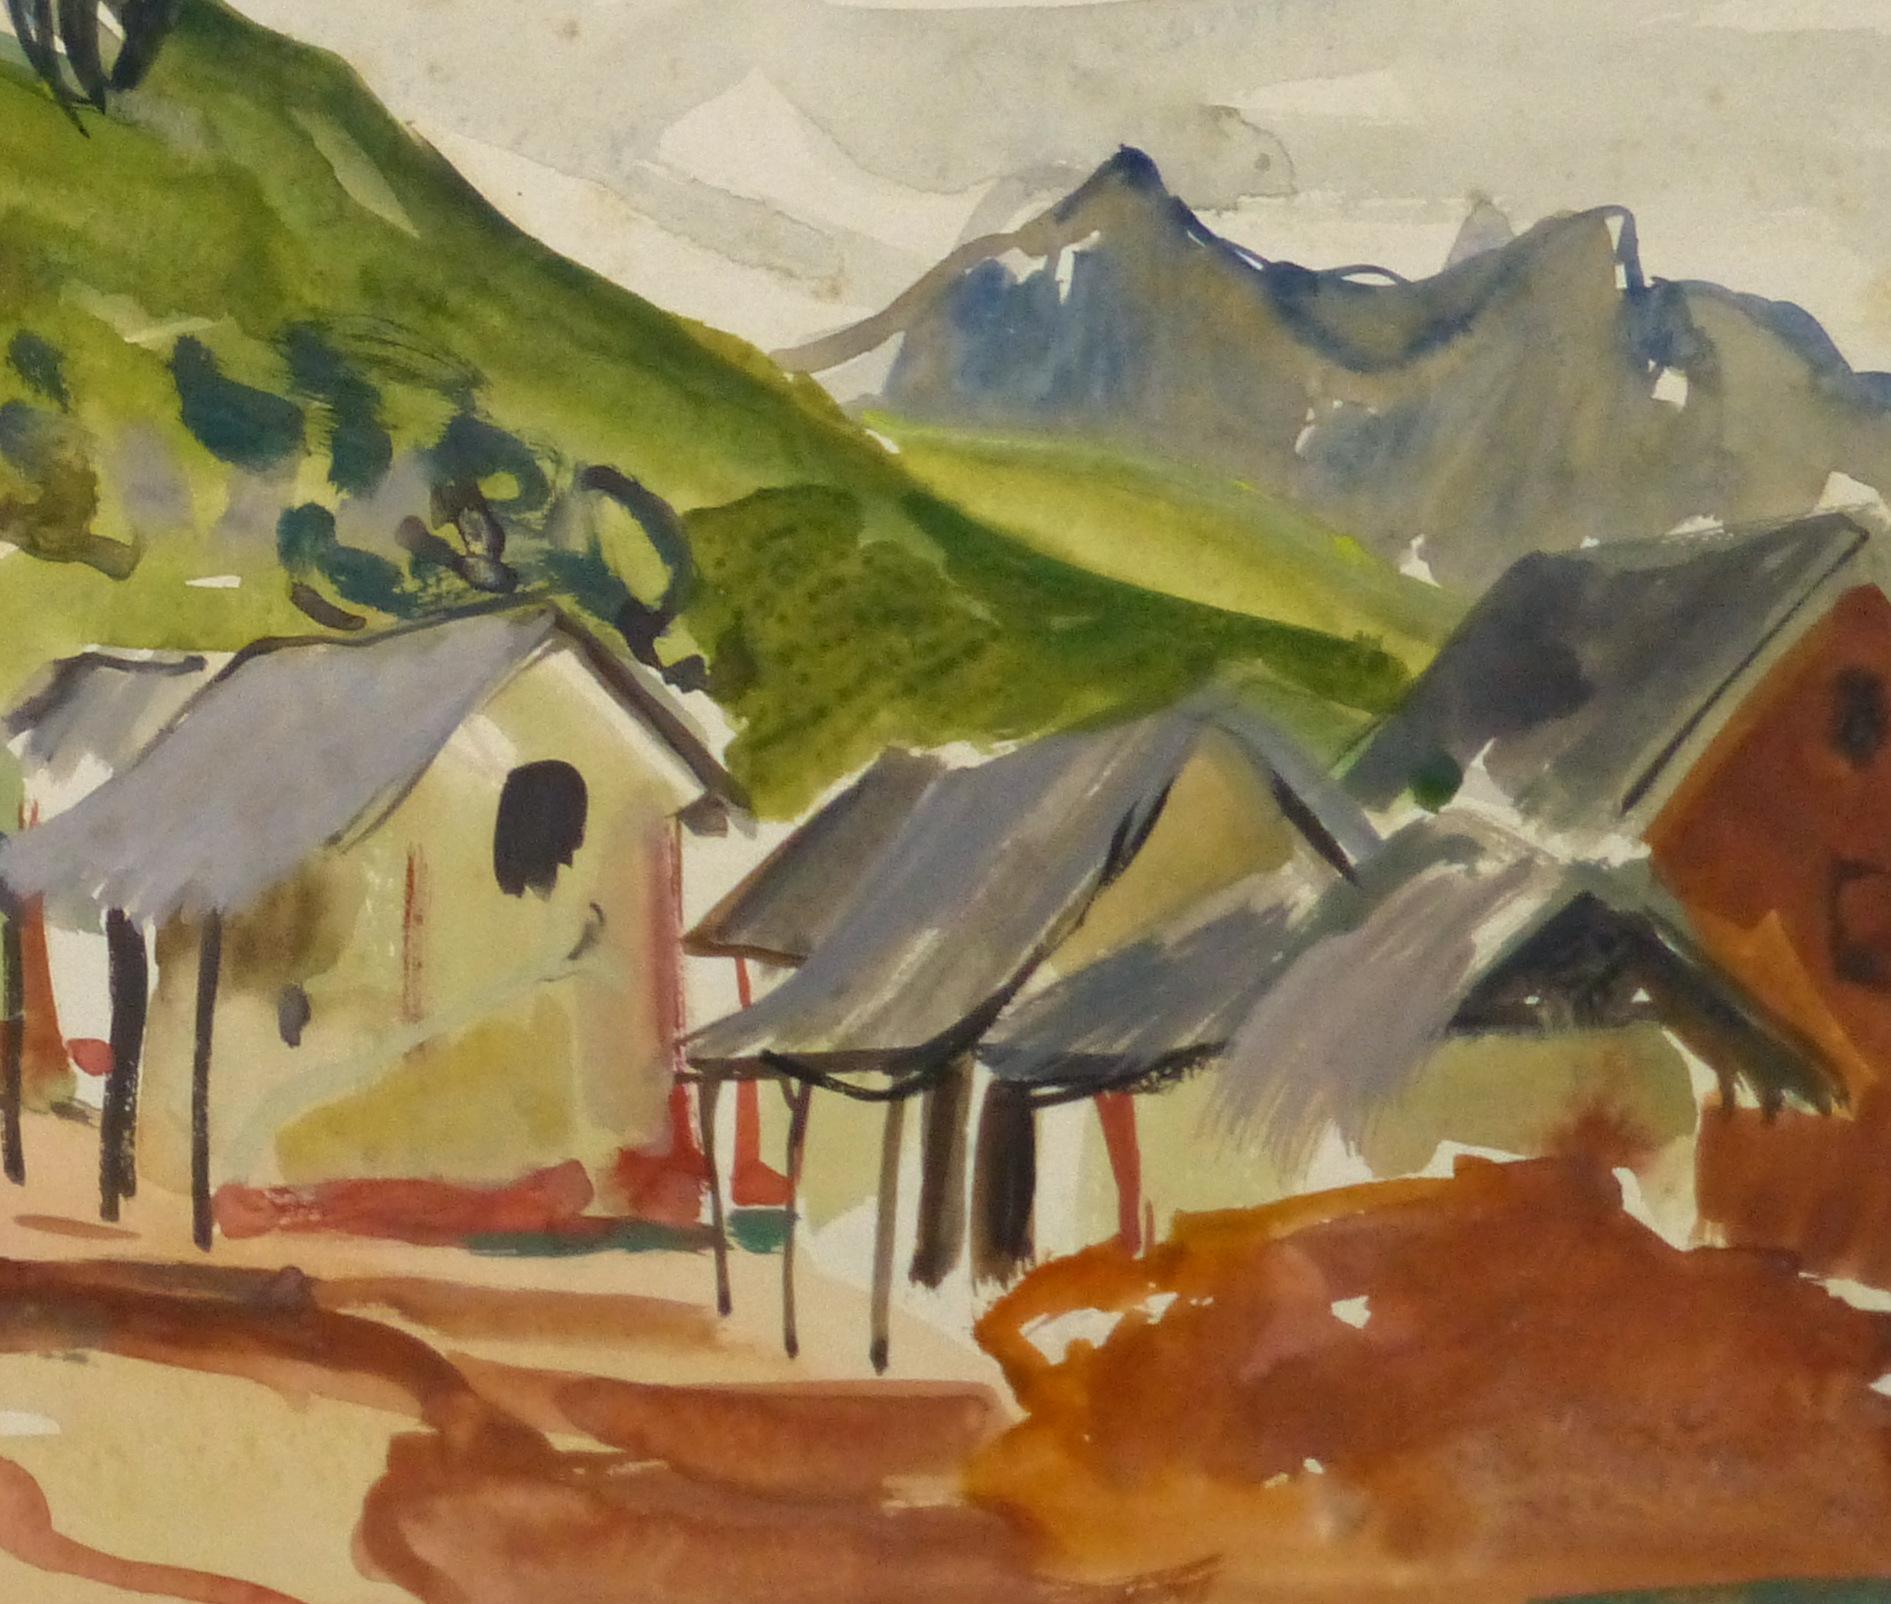 Watercolor Landscape - Tropic Mountainside - Detail 1-9970M